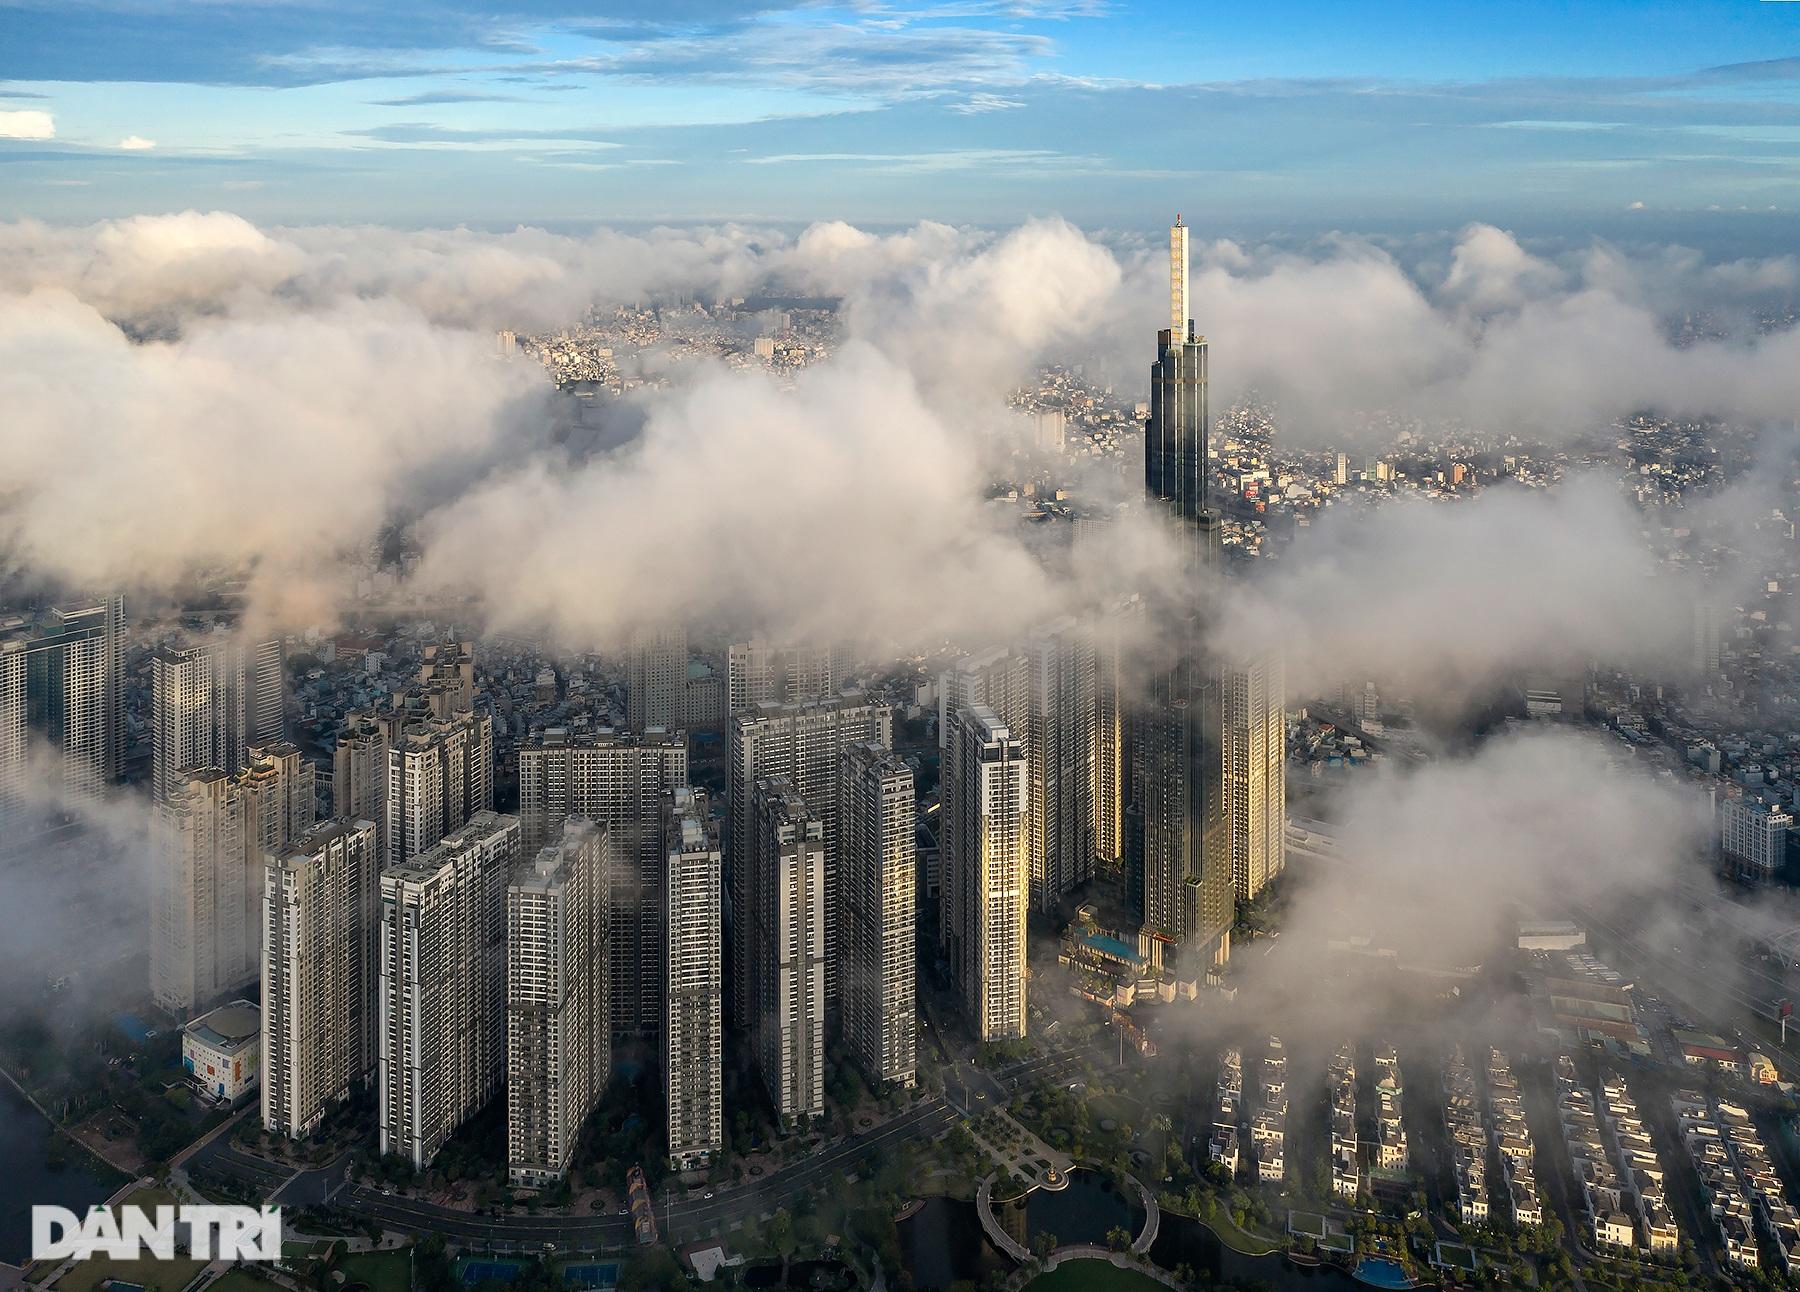 Thành phố Hồ Chí Minh - Vẻ đẹp của một Siêu đô thị hiện đại - 6